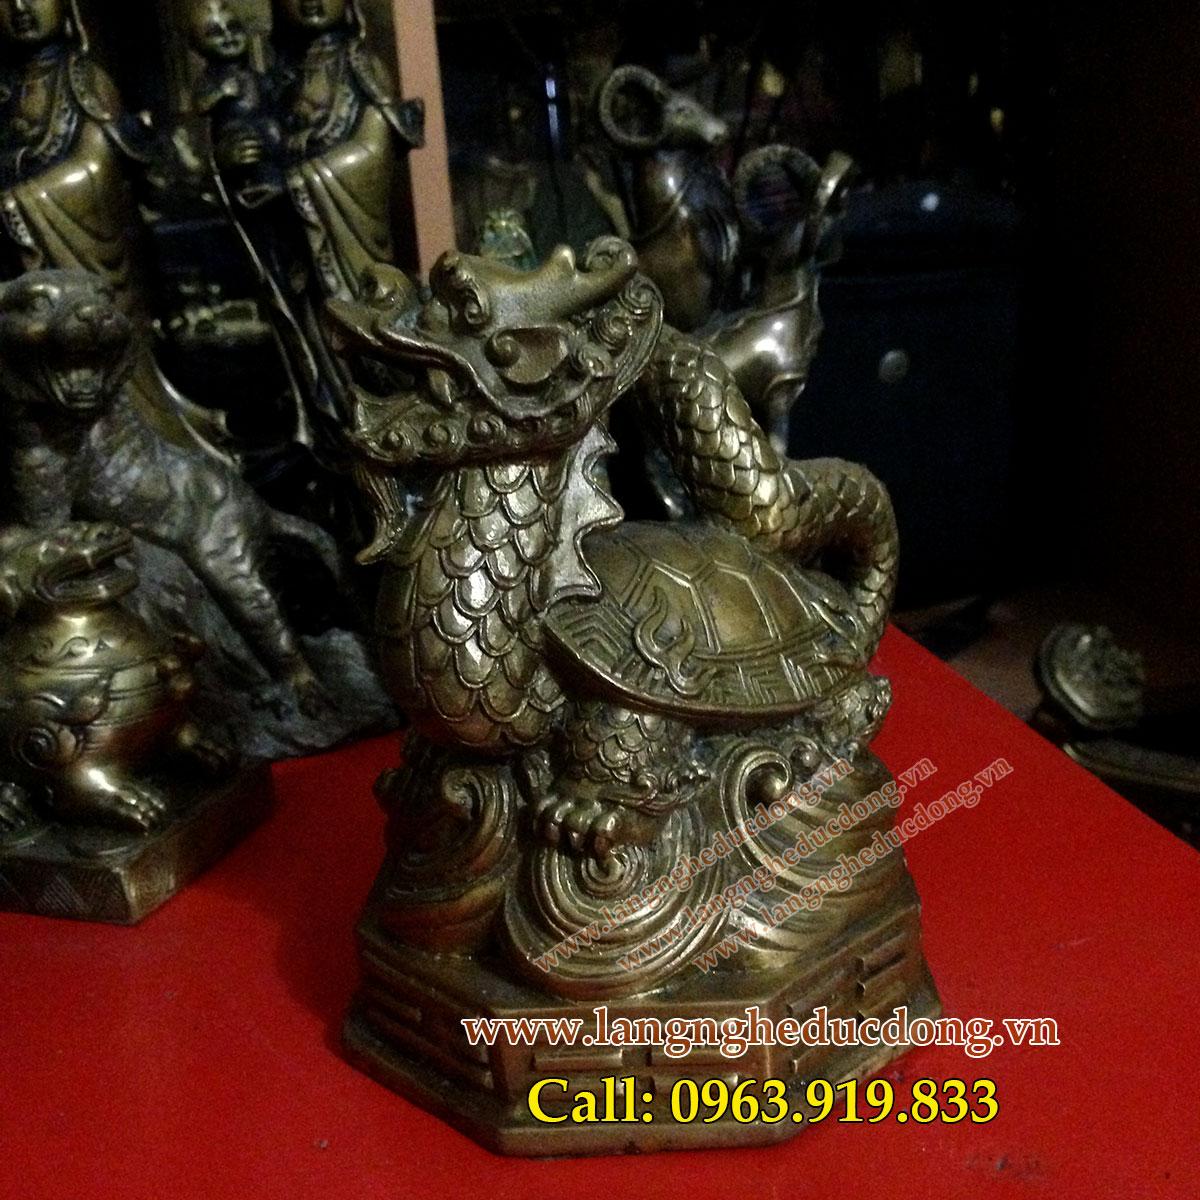 langngheducdong.vn - ùa đồng phong thủy, giá bán tượng rùa đồng